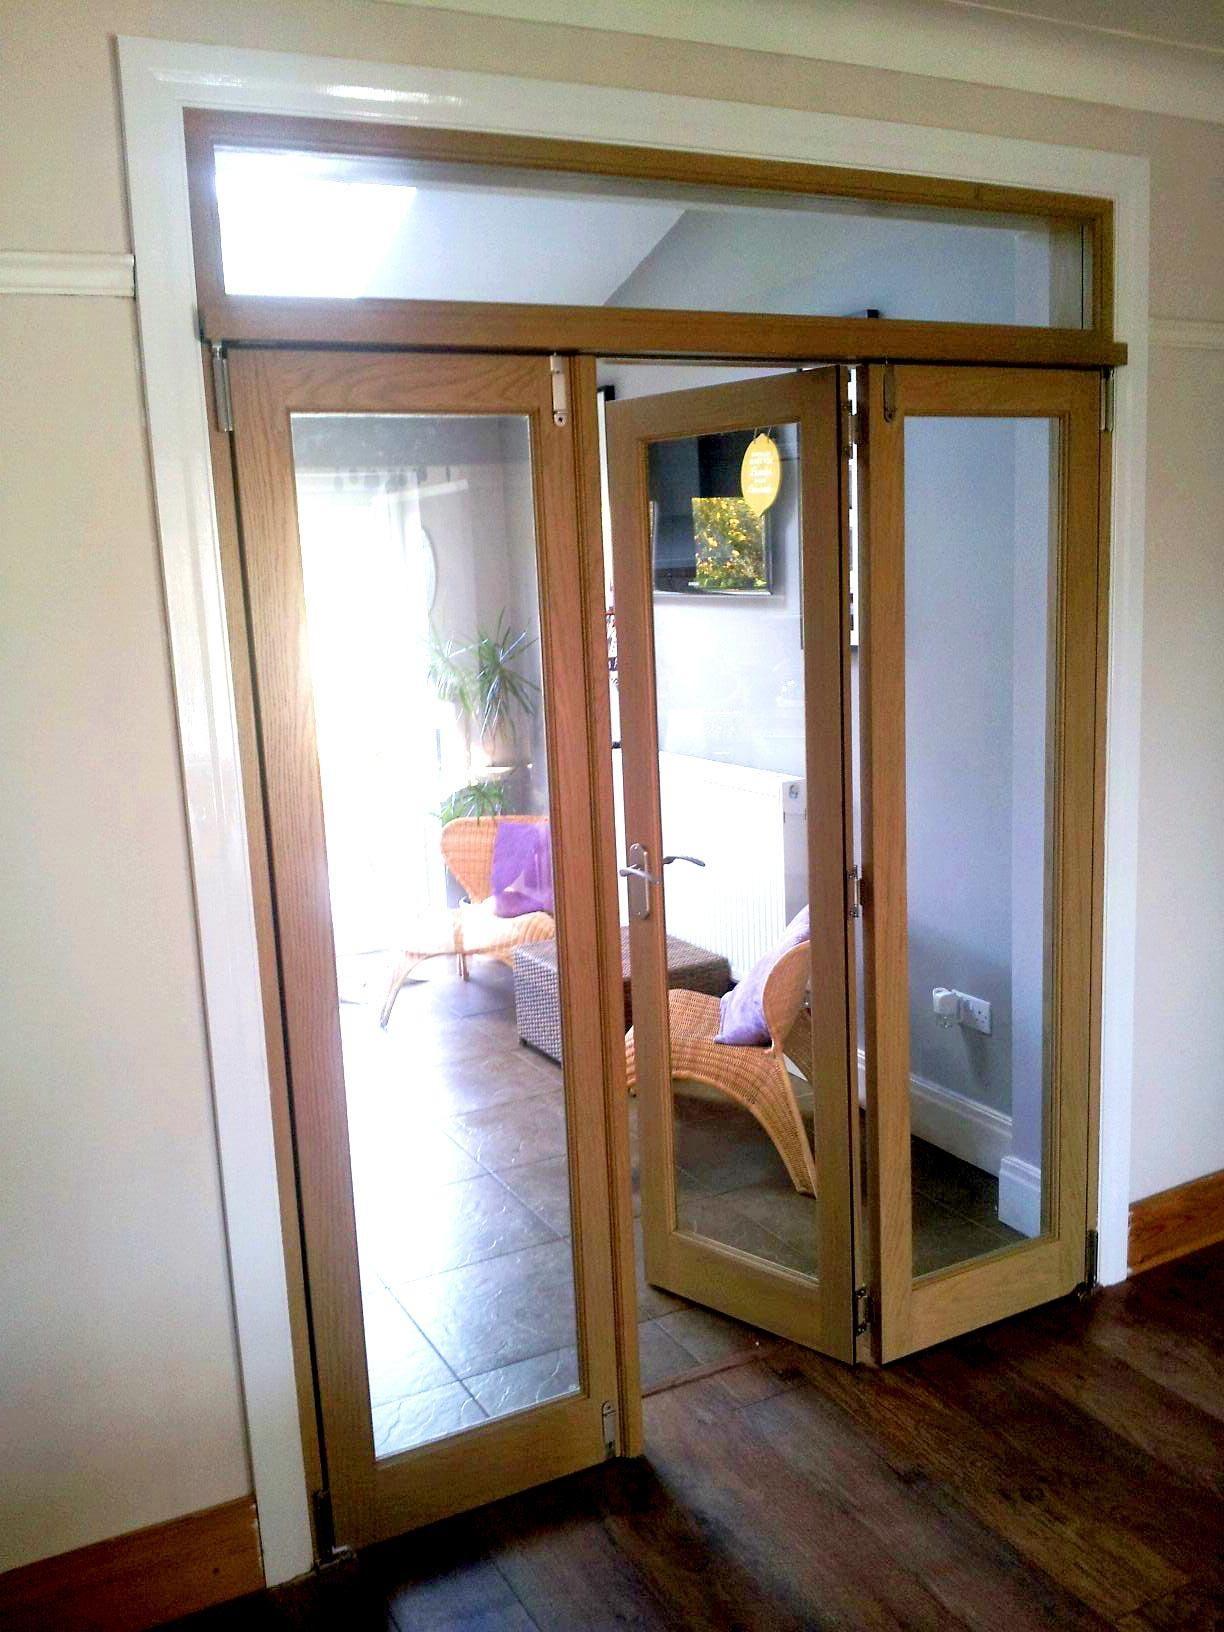 Room Door Exceptional Door For Room Room Doors Images: Room Divider Doors, External Bifold